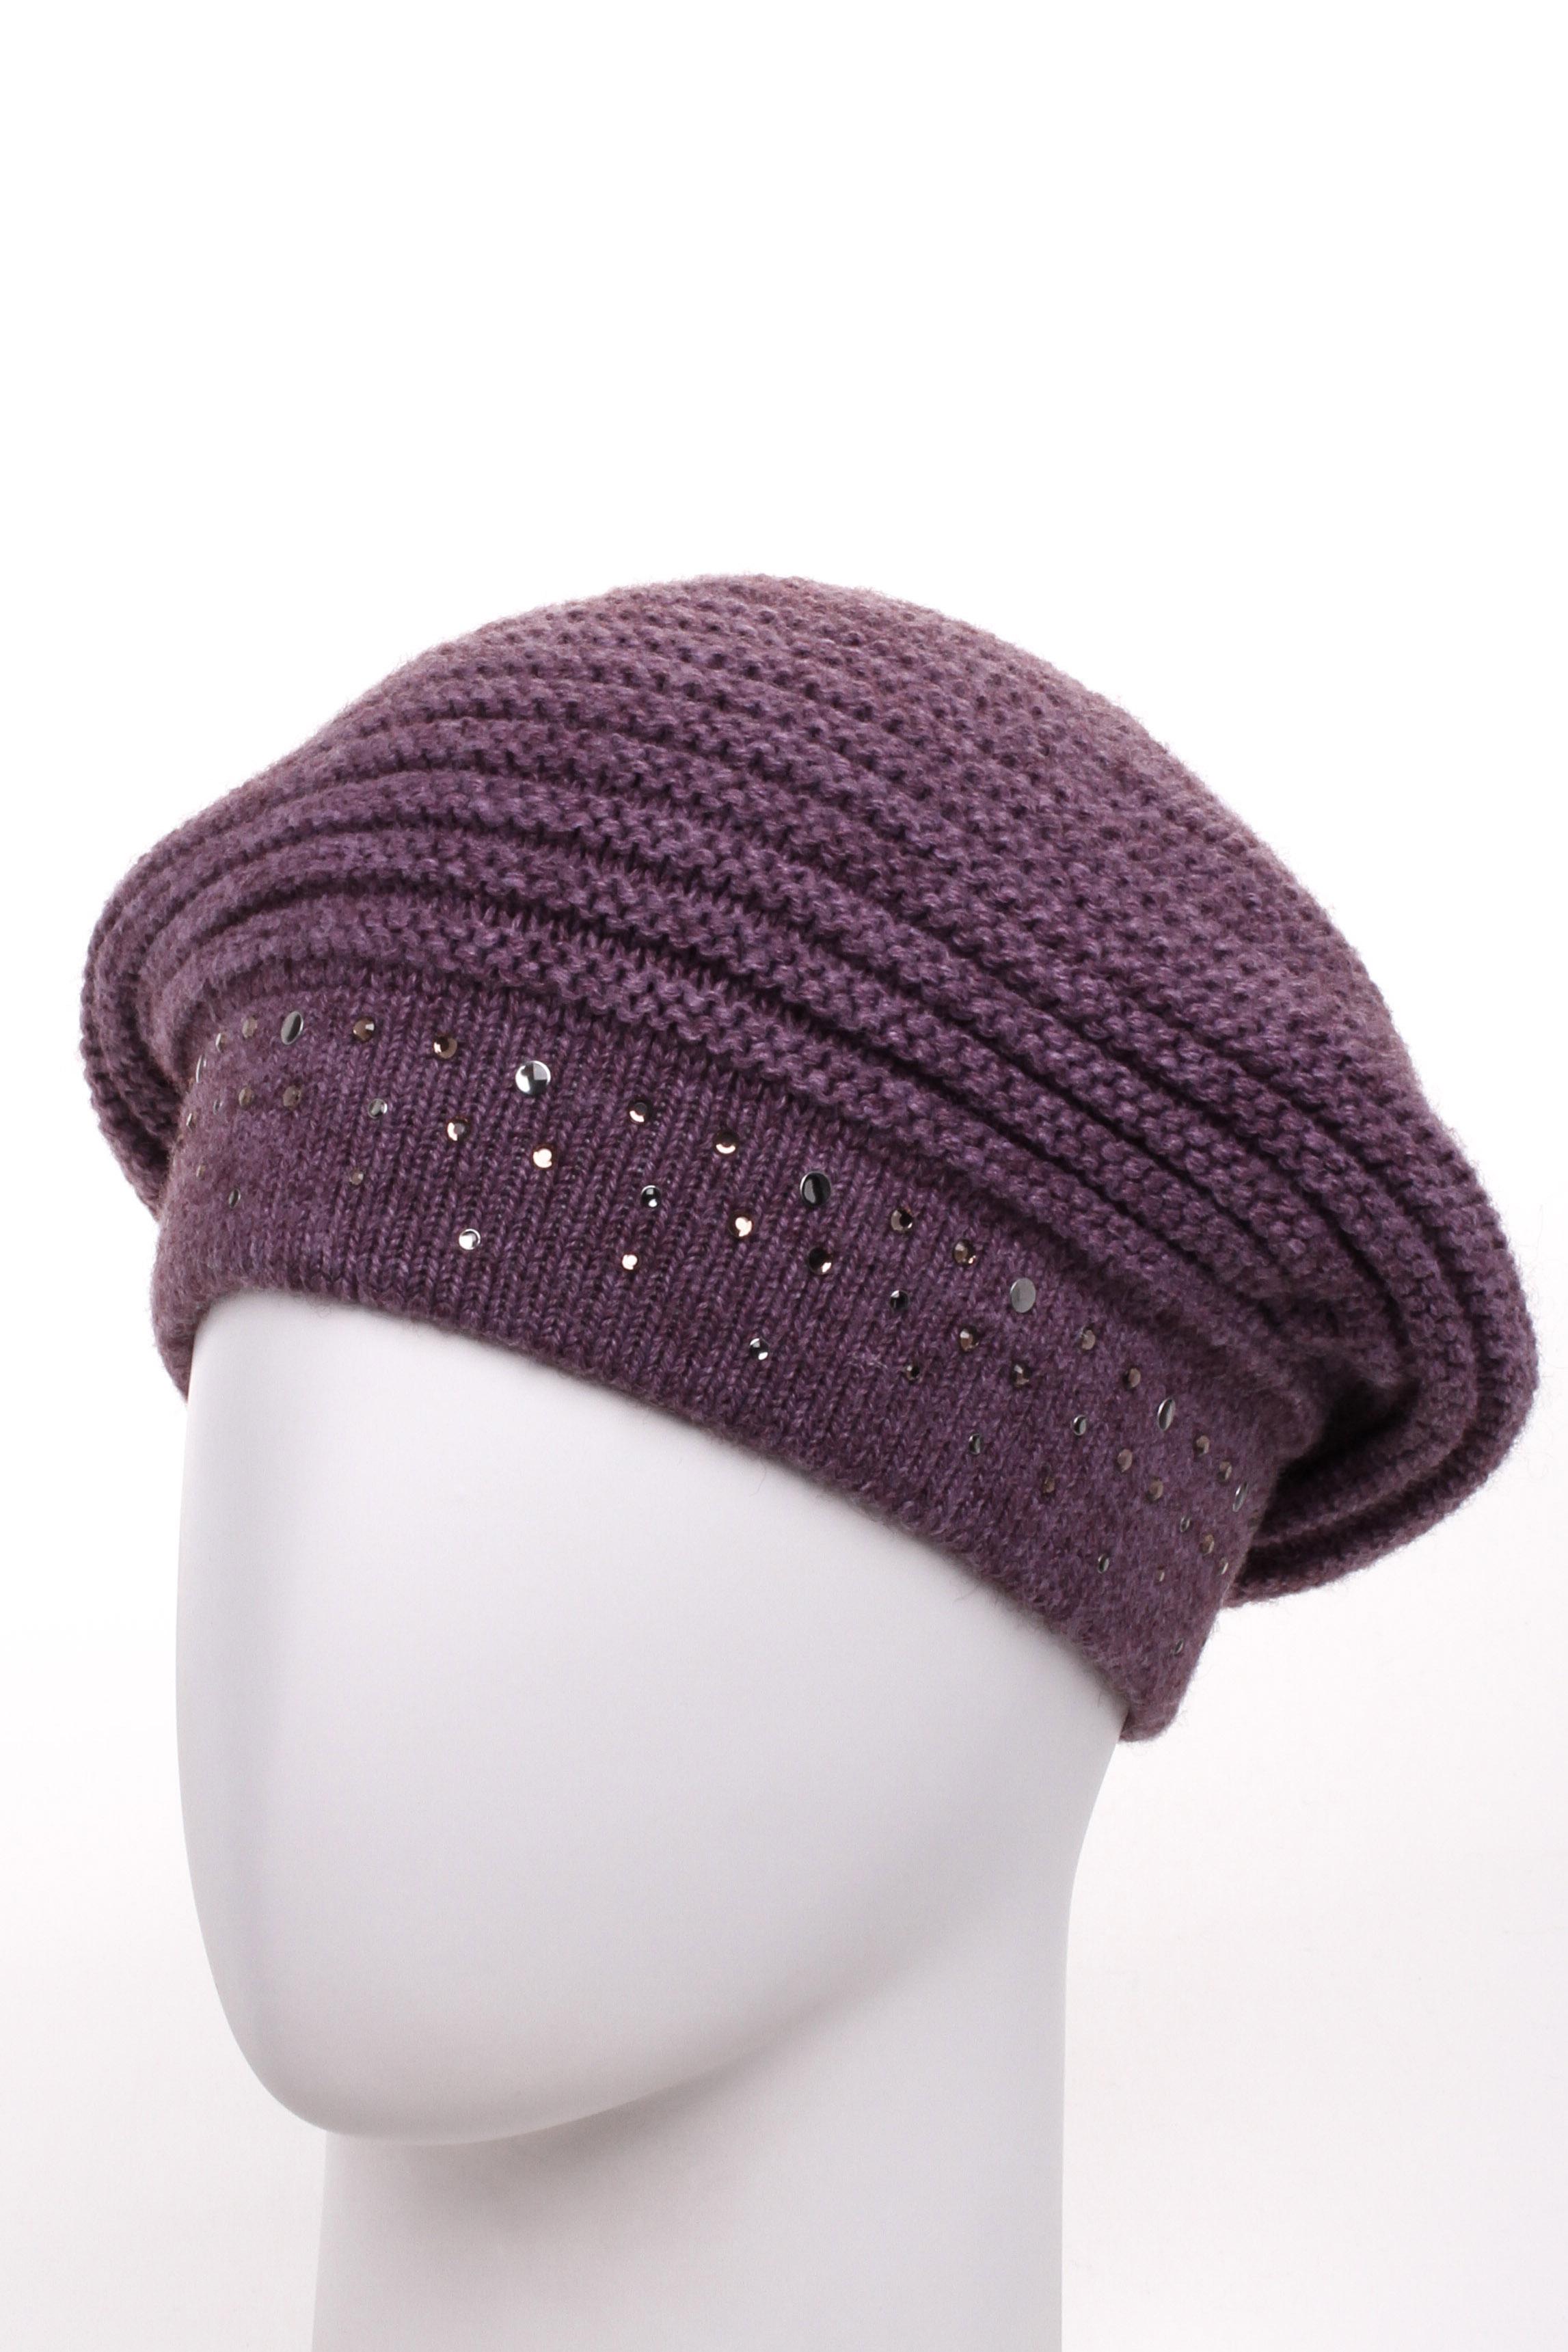 ШапкаШапки<br>Вязаная шапка подарит Вам тепло и комфорт, а так же подчеркнет Вашу женственность и станет прекрасным дополнением Вашего образа.  Цвет: светло-фиолетовый<br><br>По материалу: Вязаные<br>По рисунку: Однотонные<br>По элементам: С декором<br>По сезону: Зима<br>Размер : universal<br>Материал: Вязаное полотно<br>Количество в наличии: 1